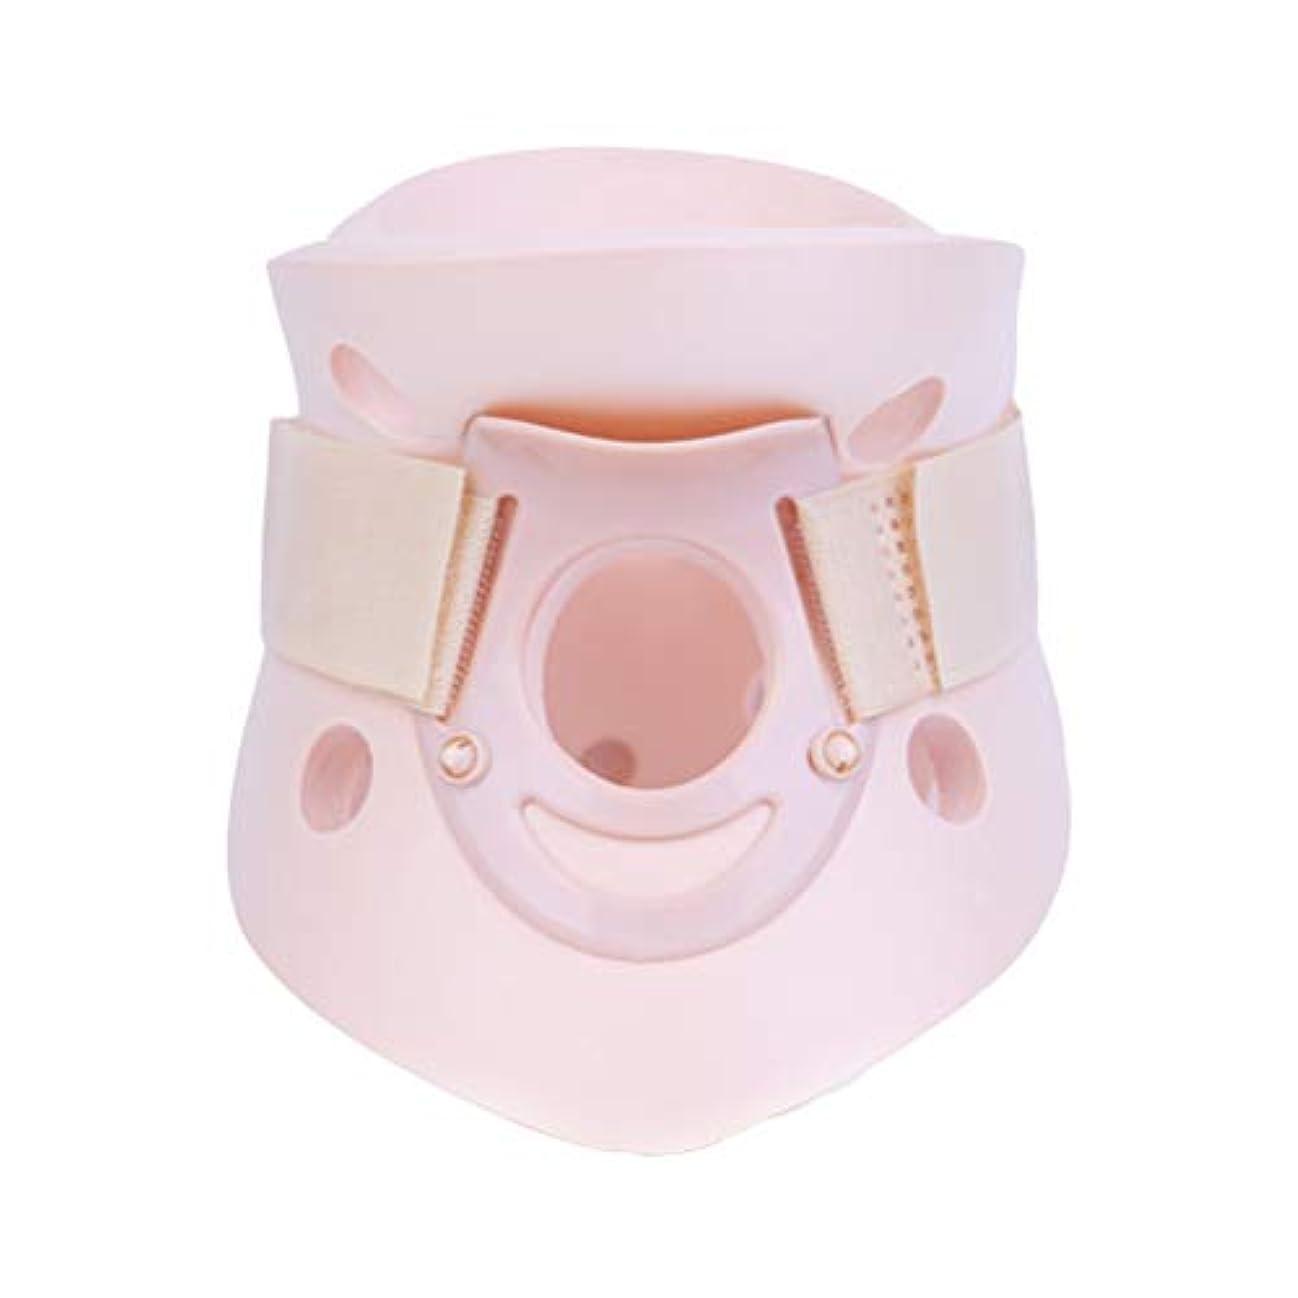 販売員天窓シャーSUPVOX ネックブレース頸部カラーネックサポートにより、脊椎ラップの圧力を緩和し、脊椎を安定させて、カイロプラクティックの慢性的な首の痛み脊椎のアライメントを調整します